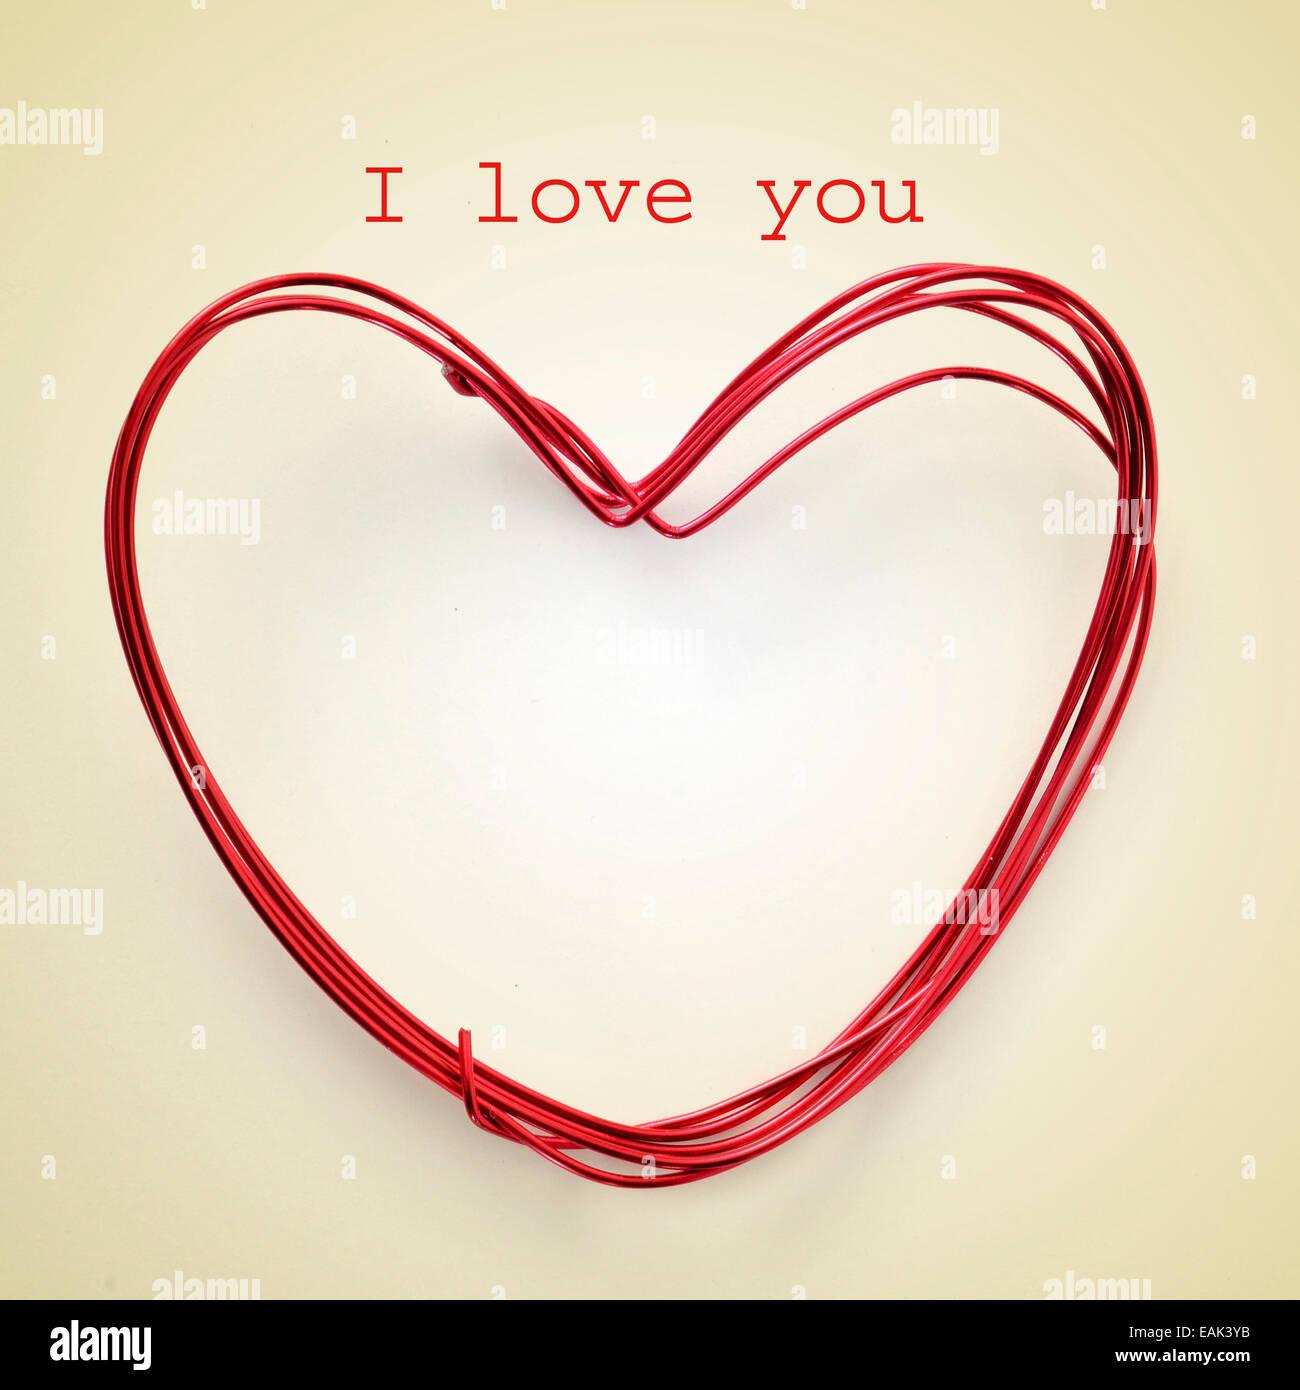 Frase ti amo e un cuore a forma di rotolo di filo su un sfondo beige, con un effetto retrò Foto Stock